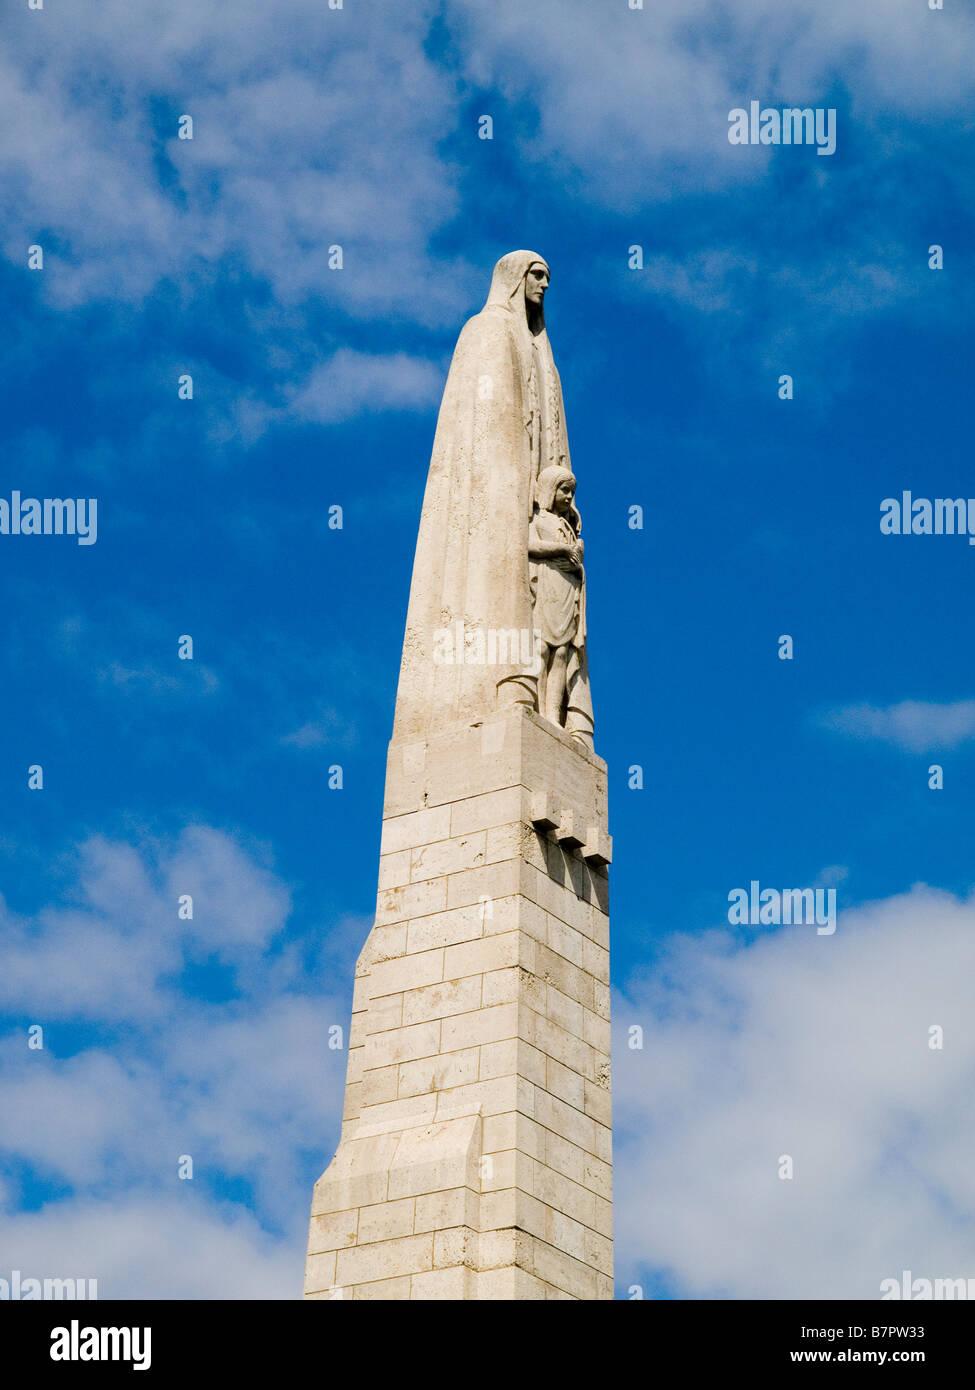 Close up of a statue of Saint Genevieve on Pont de la Tournelle, Paris France Europe - Stock Image